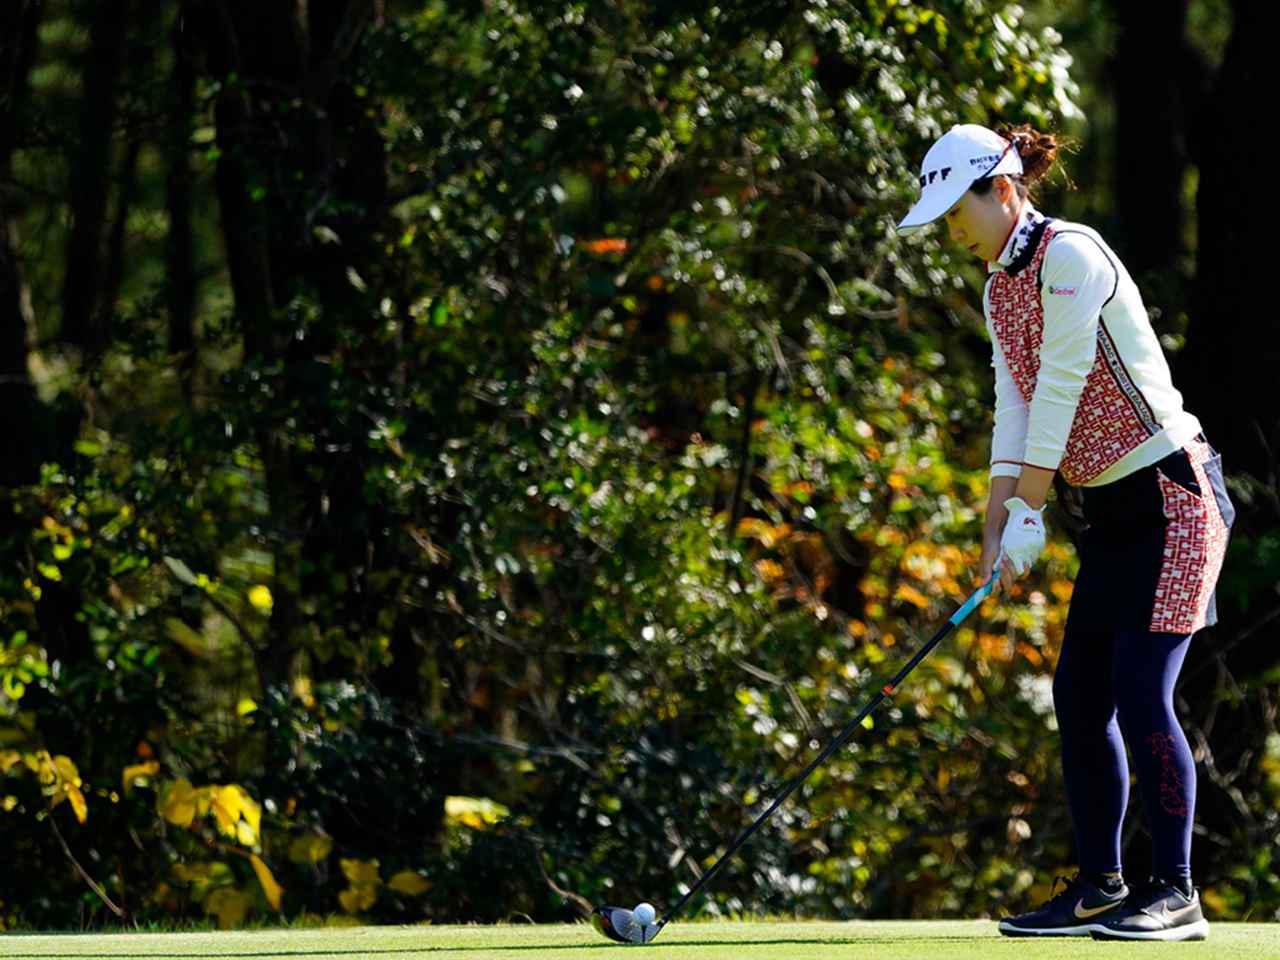 """画像55: 【プレショットルーティン調査】女子プロゴルファー上位32人をチェック! 2タイプに分かれた""""アドレスの入り方"""""""